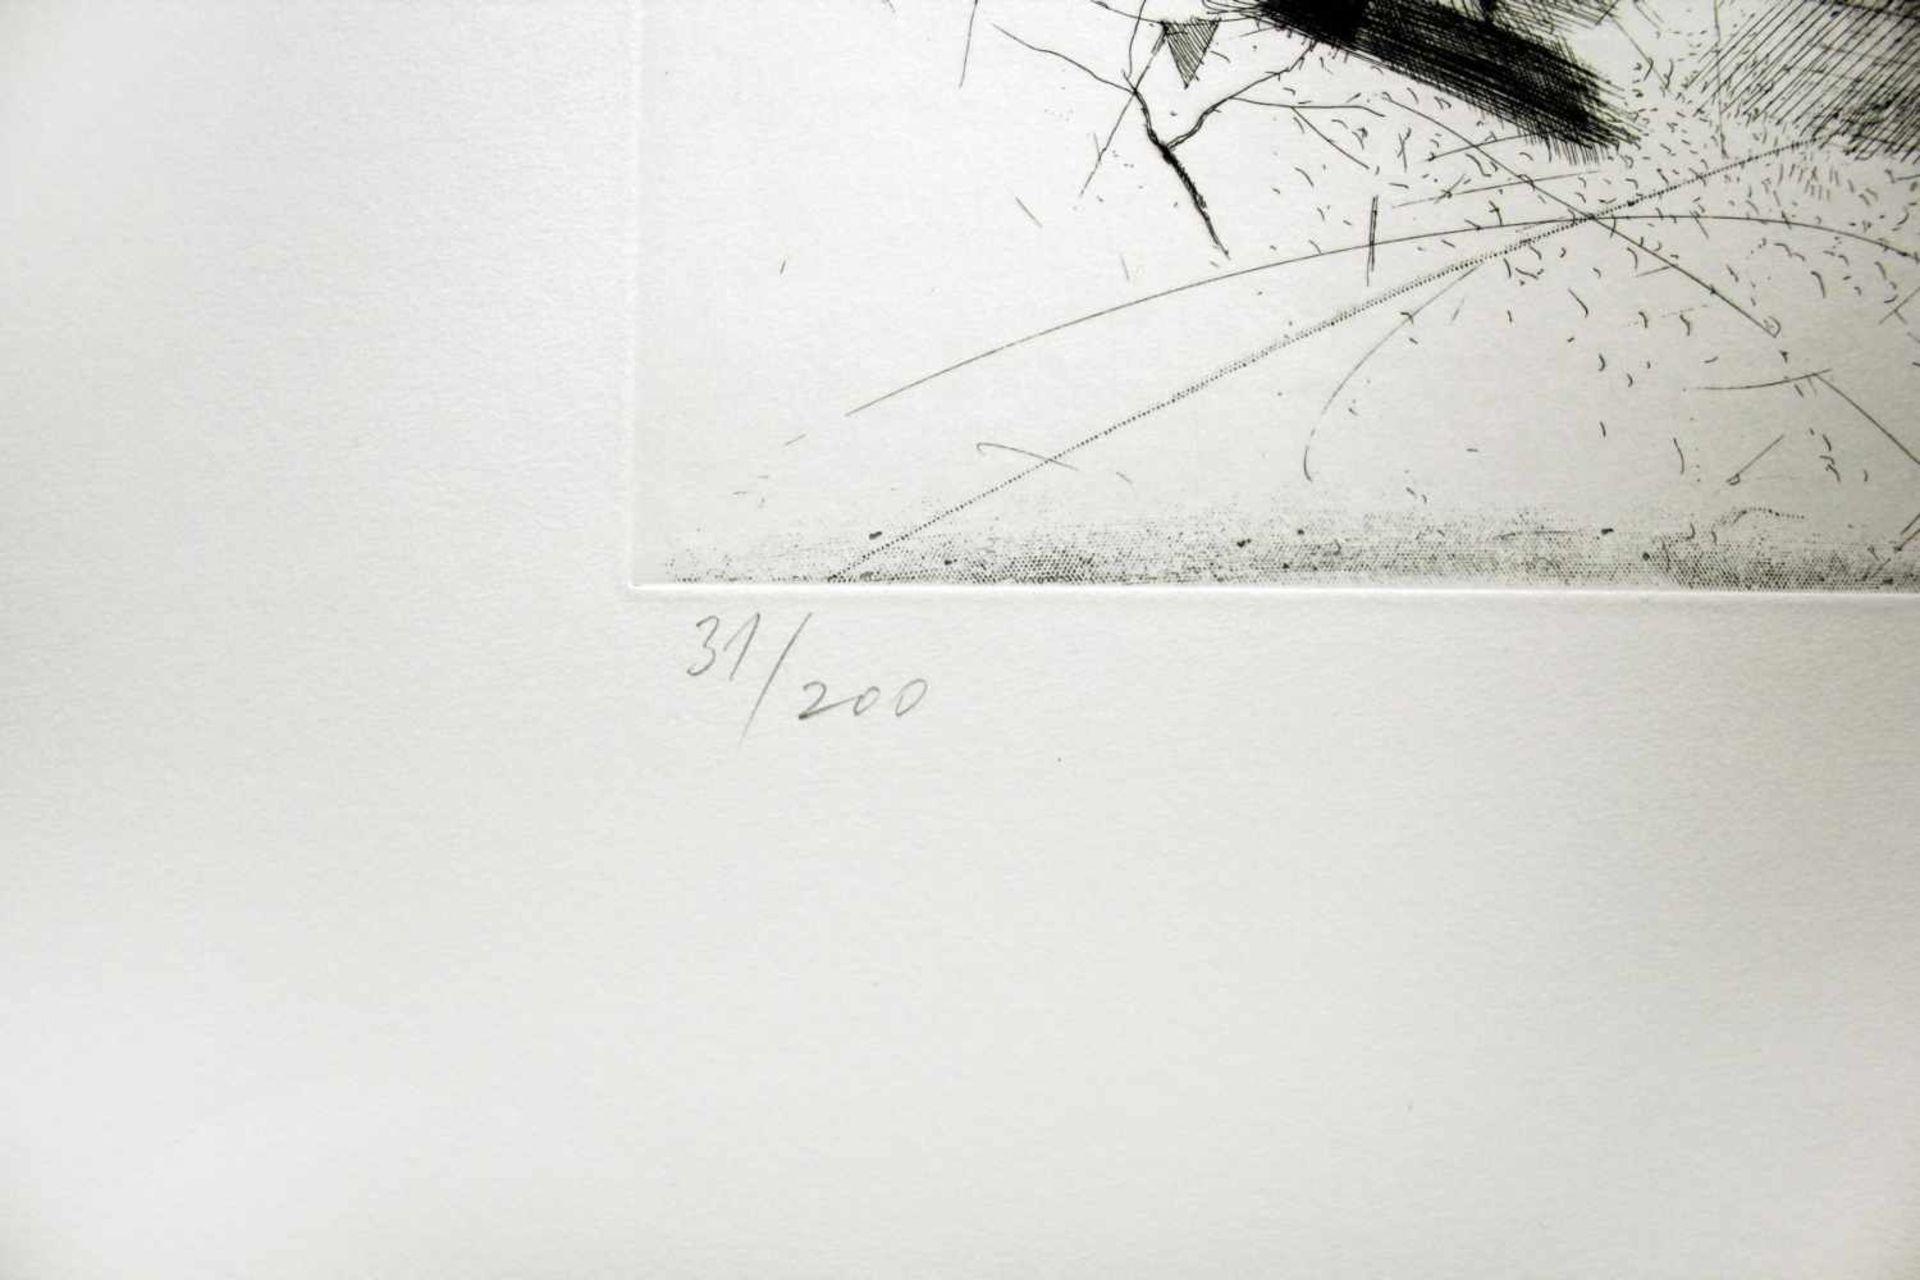 Karl Korab geb. 1937 o.T. 1993 Radierung handsigniert, datiert und nummeriert 31/200 51 x 65 cm - Bild 3 aus 4